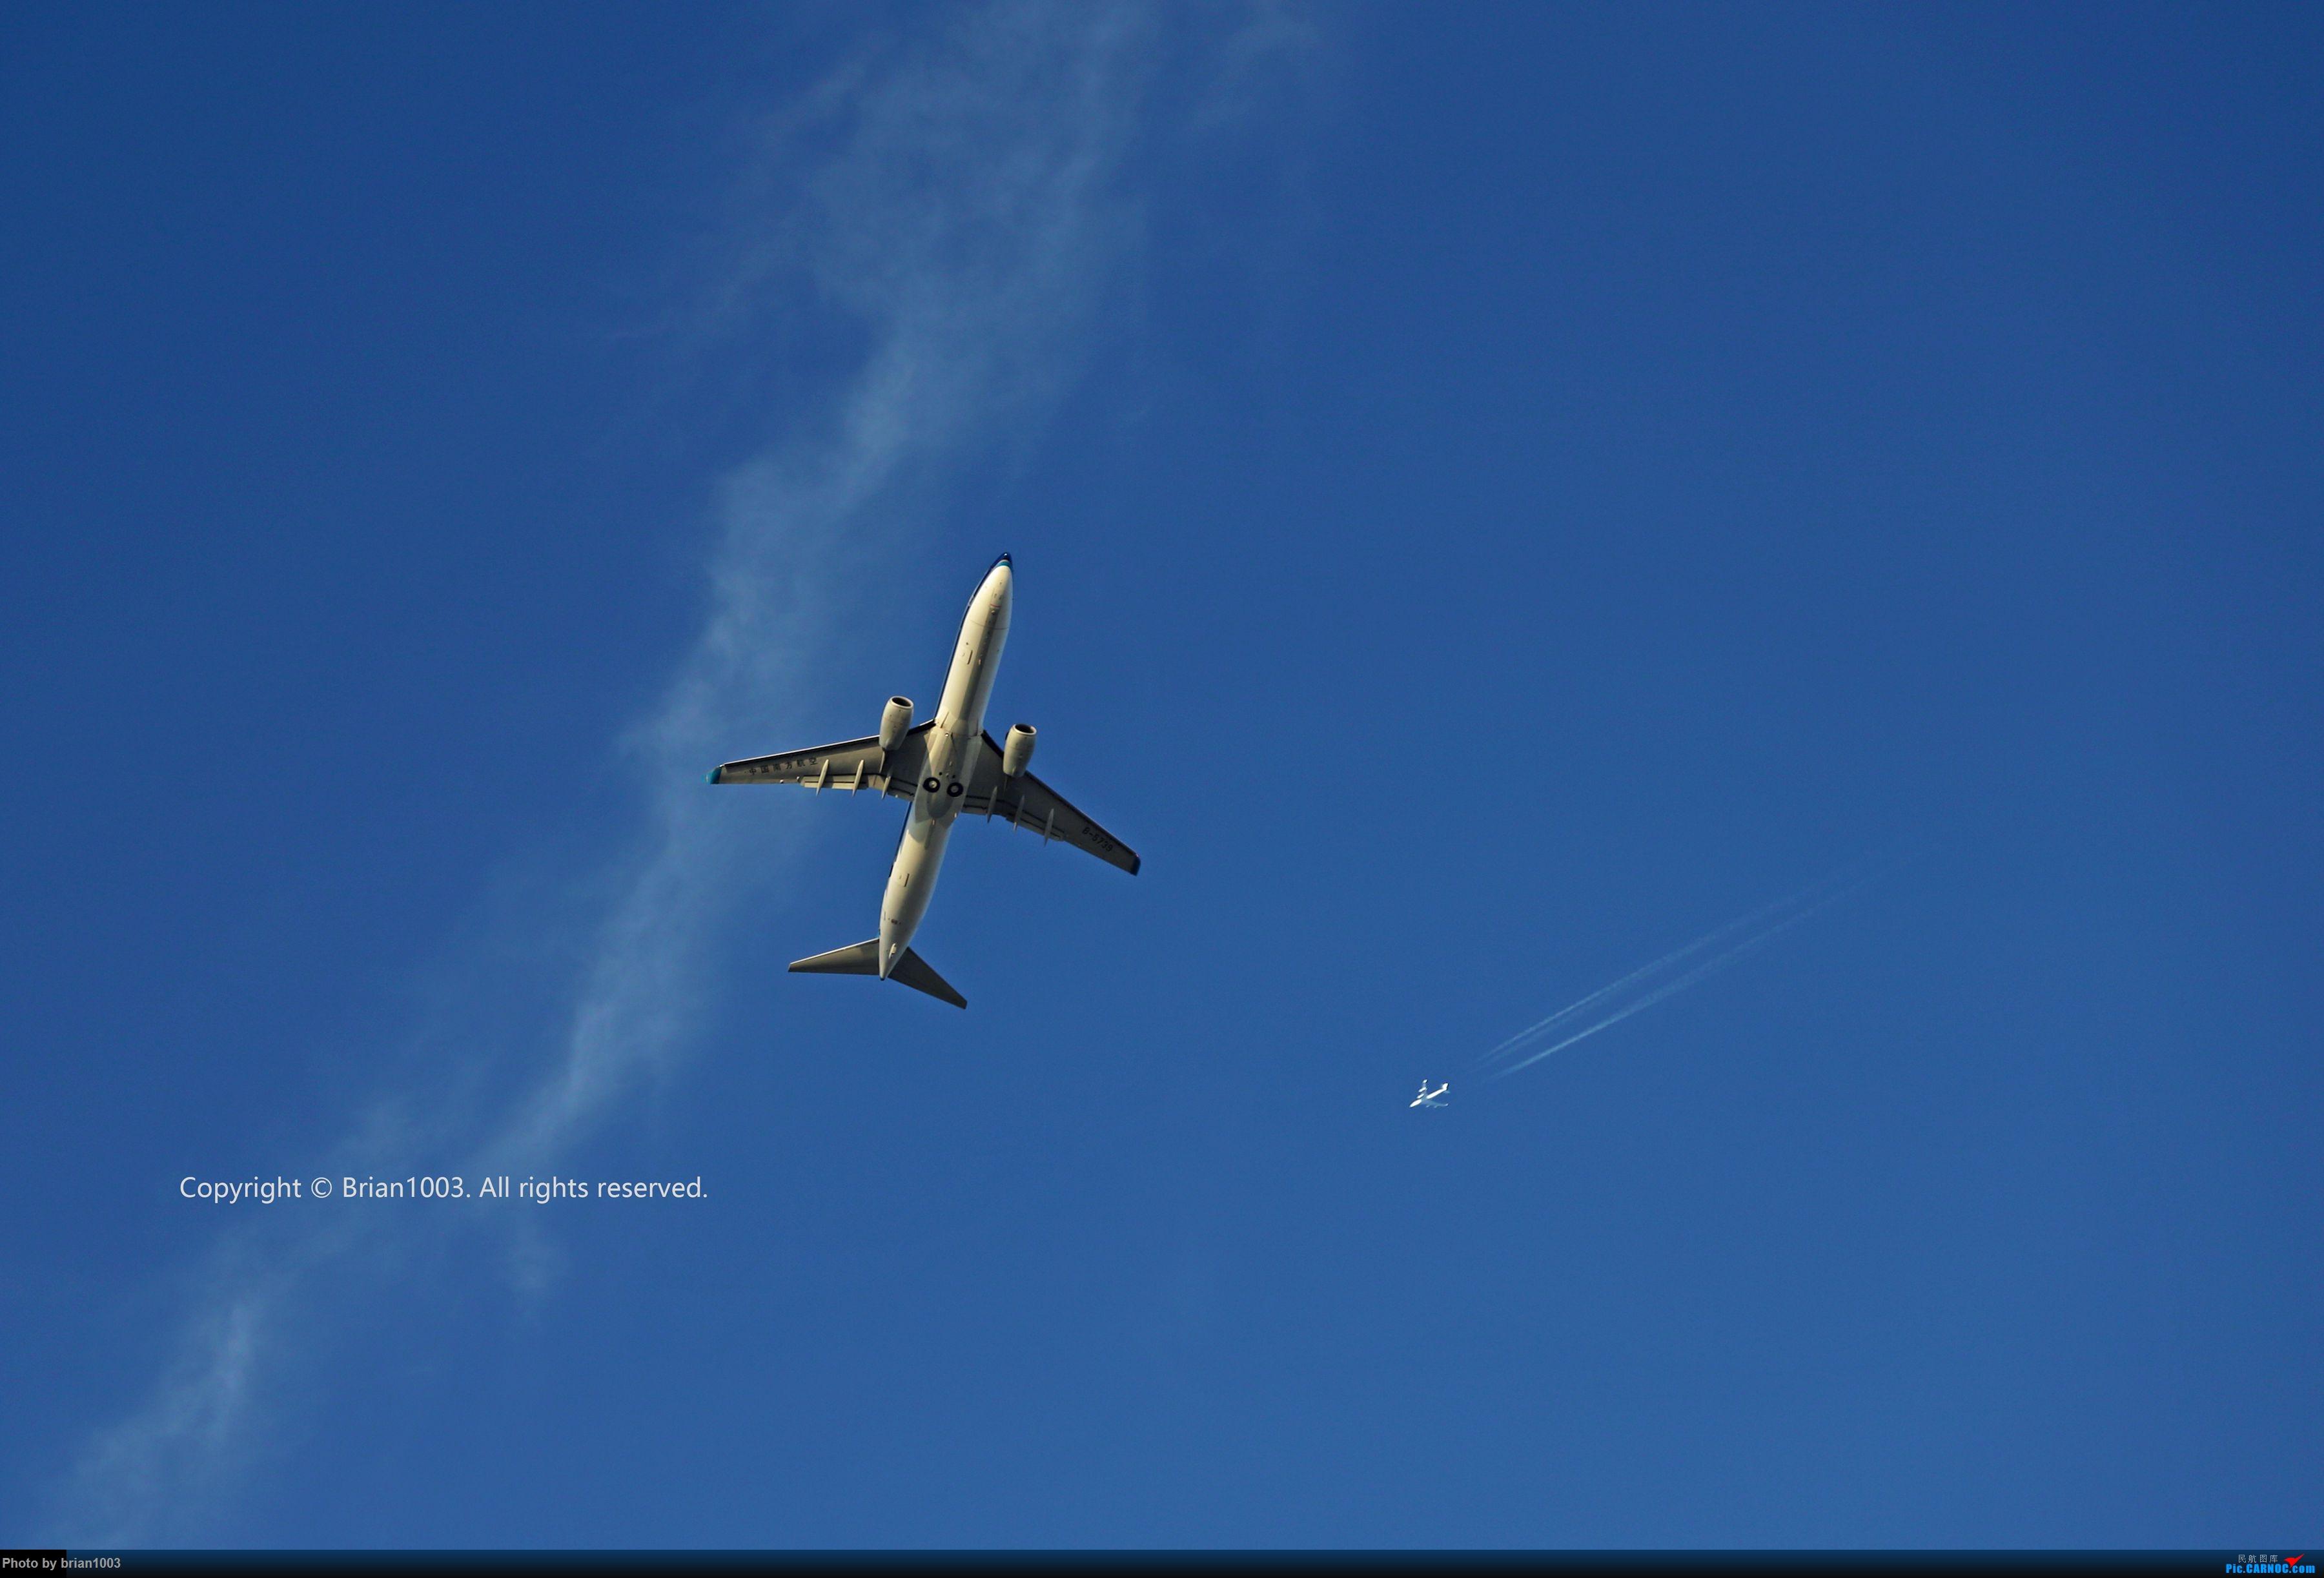 Re:[原创]WUH天河机场2021年拍机之二月 BOEING 737-800 B-5739 中国武汉天河国际机场